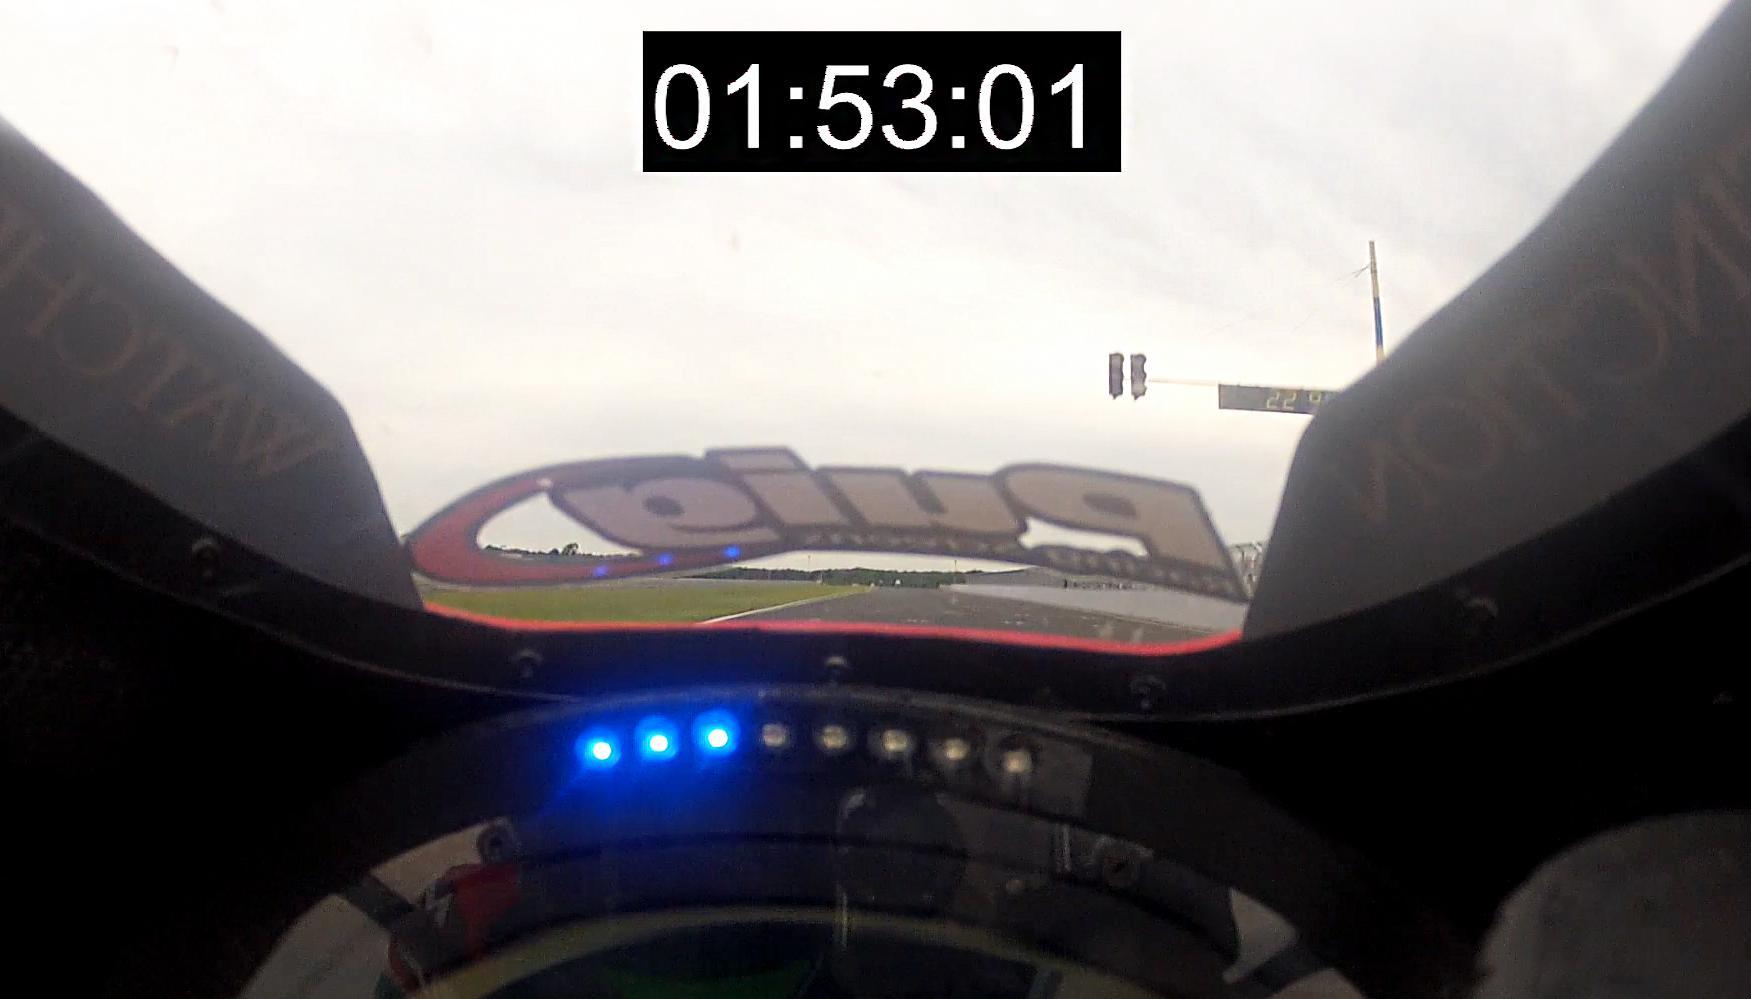 http://www.motorrad-bilder.at/slideshows/291/009472/suzuki.jpg